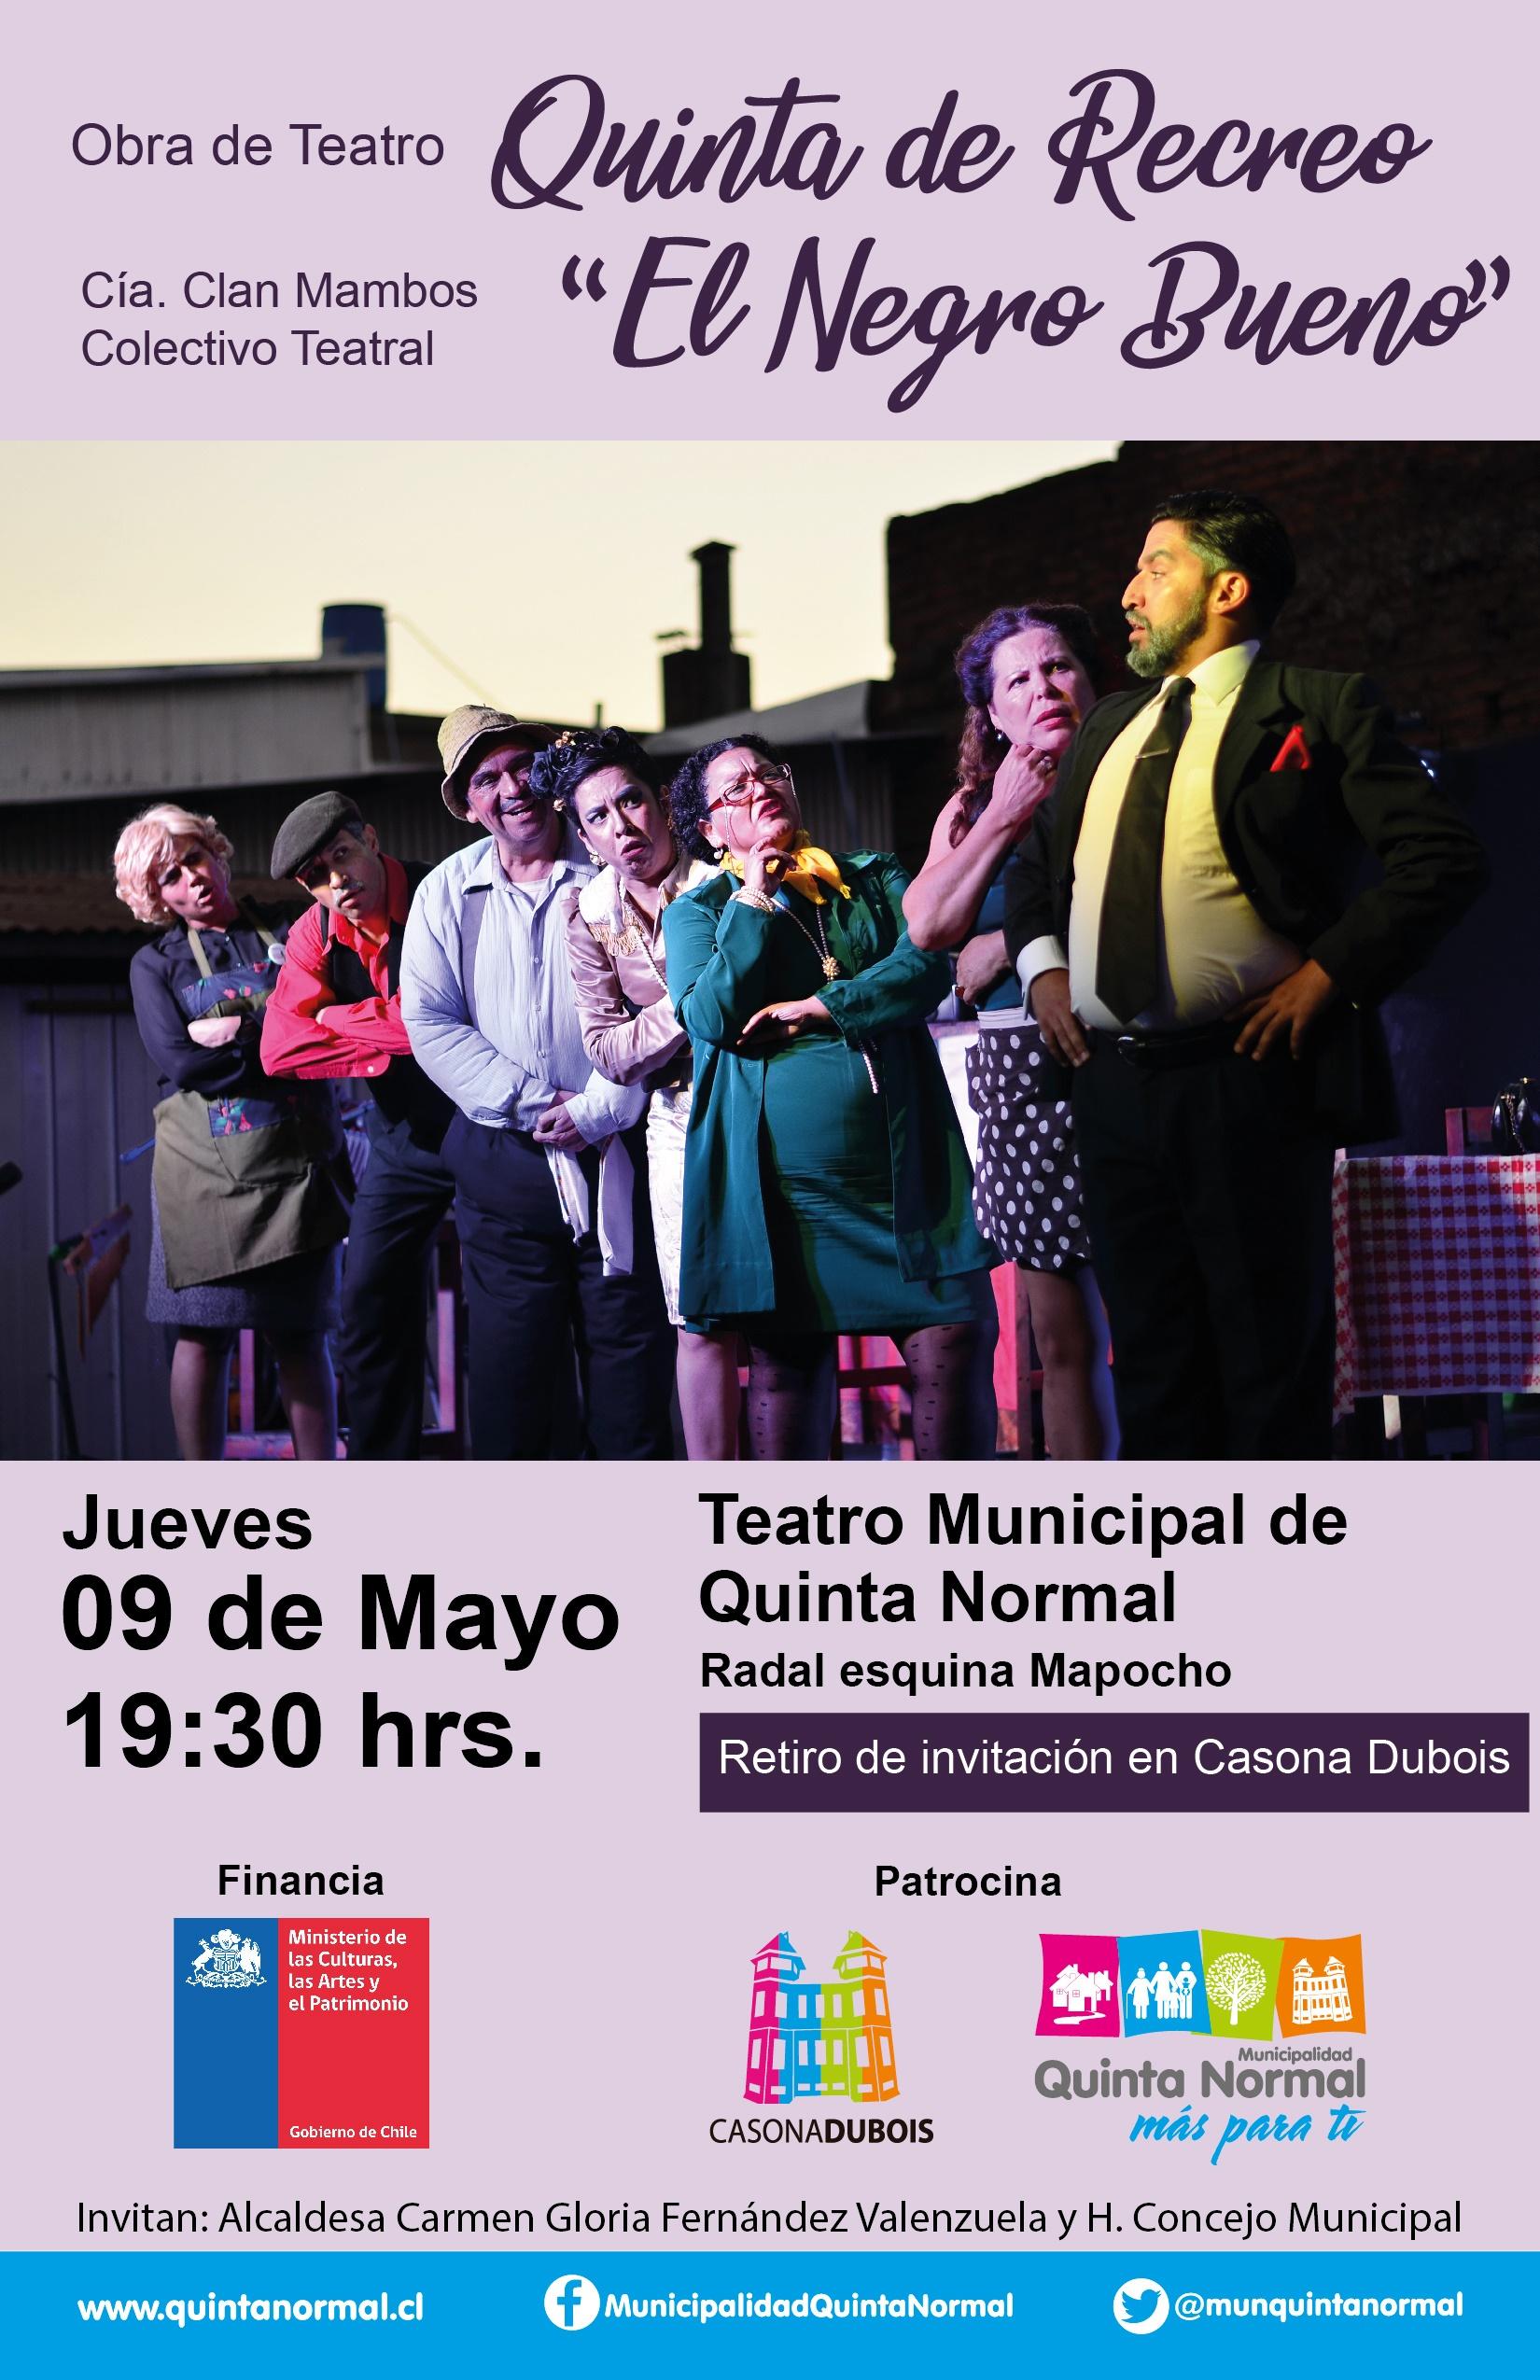 Comedia Musical «Quinta de Recreo, El Negro Bueno». Jueves 9 de Mayo, 19:30 hrs.